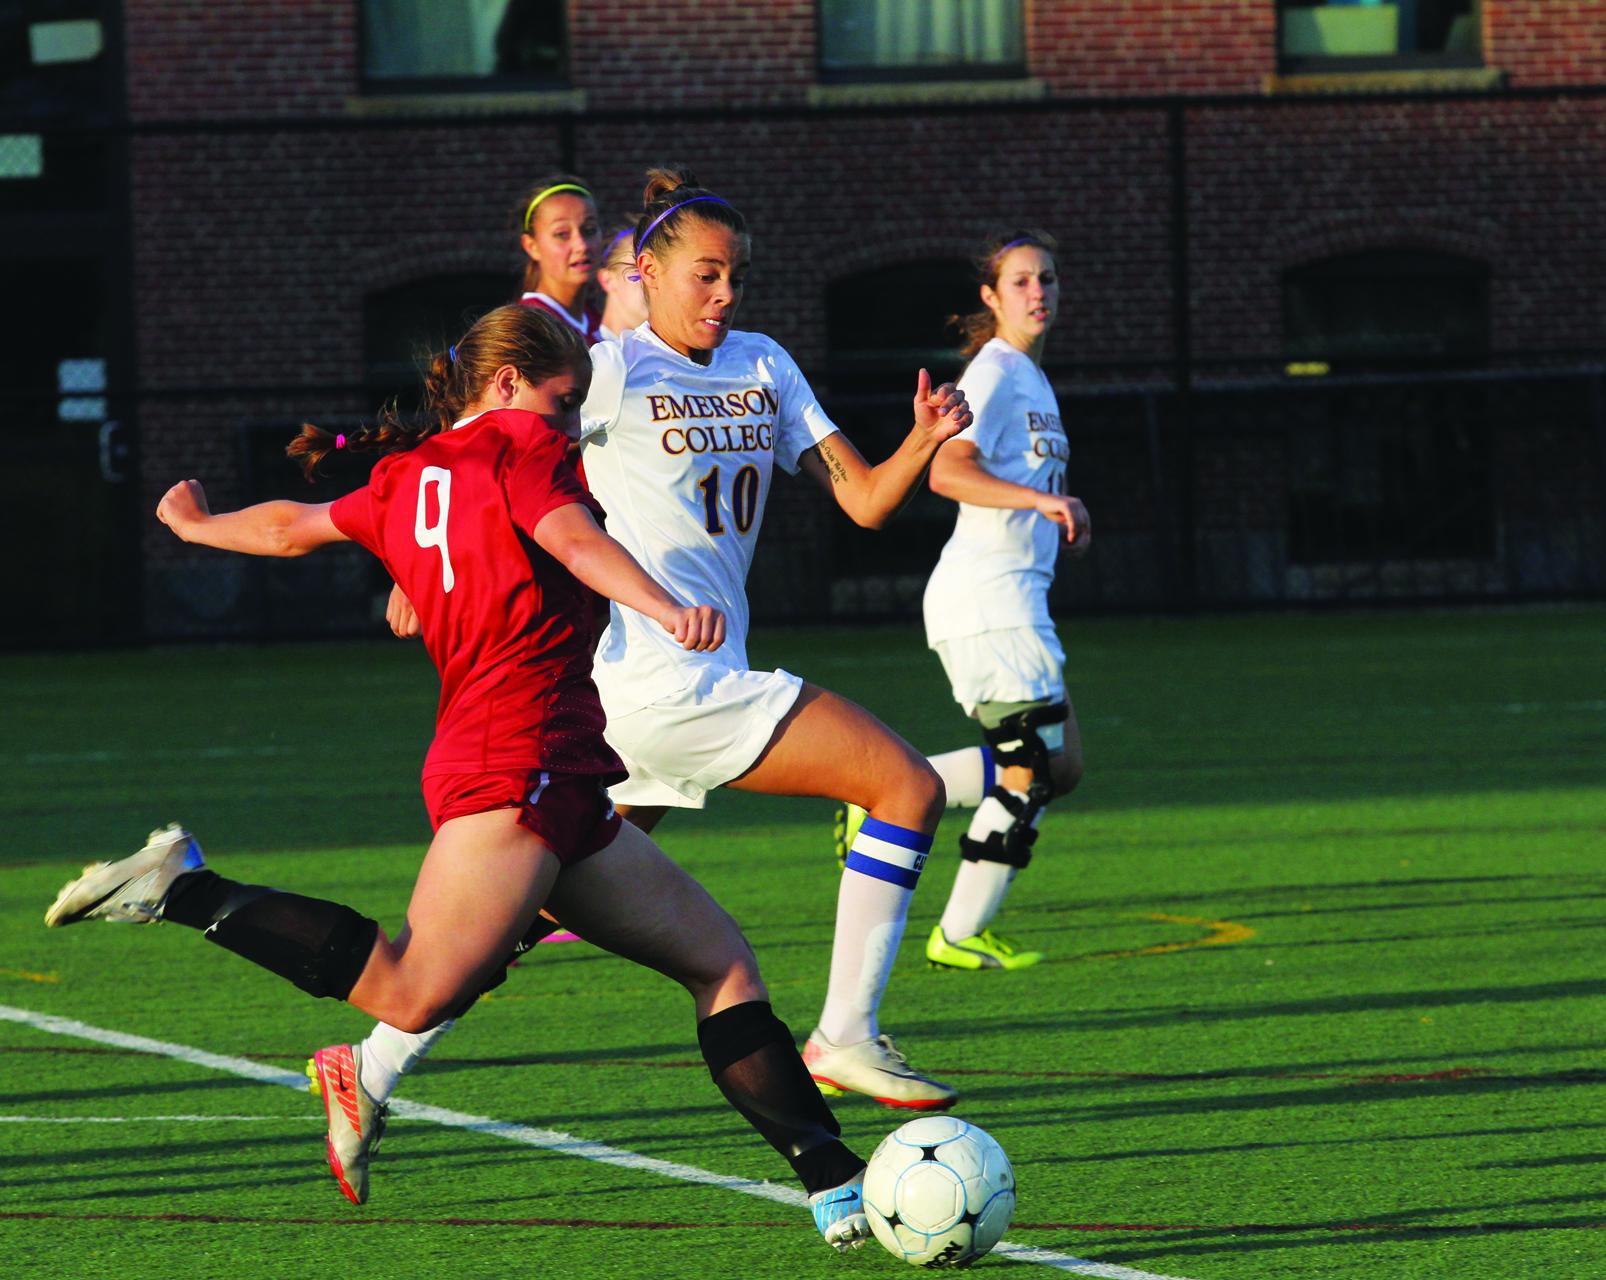 Ally soccerdefender